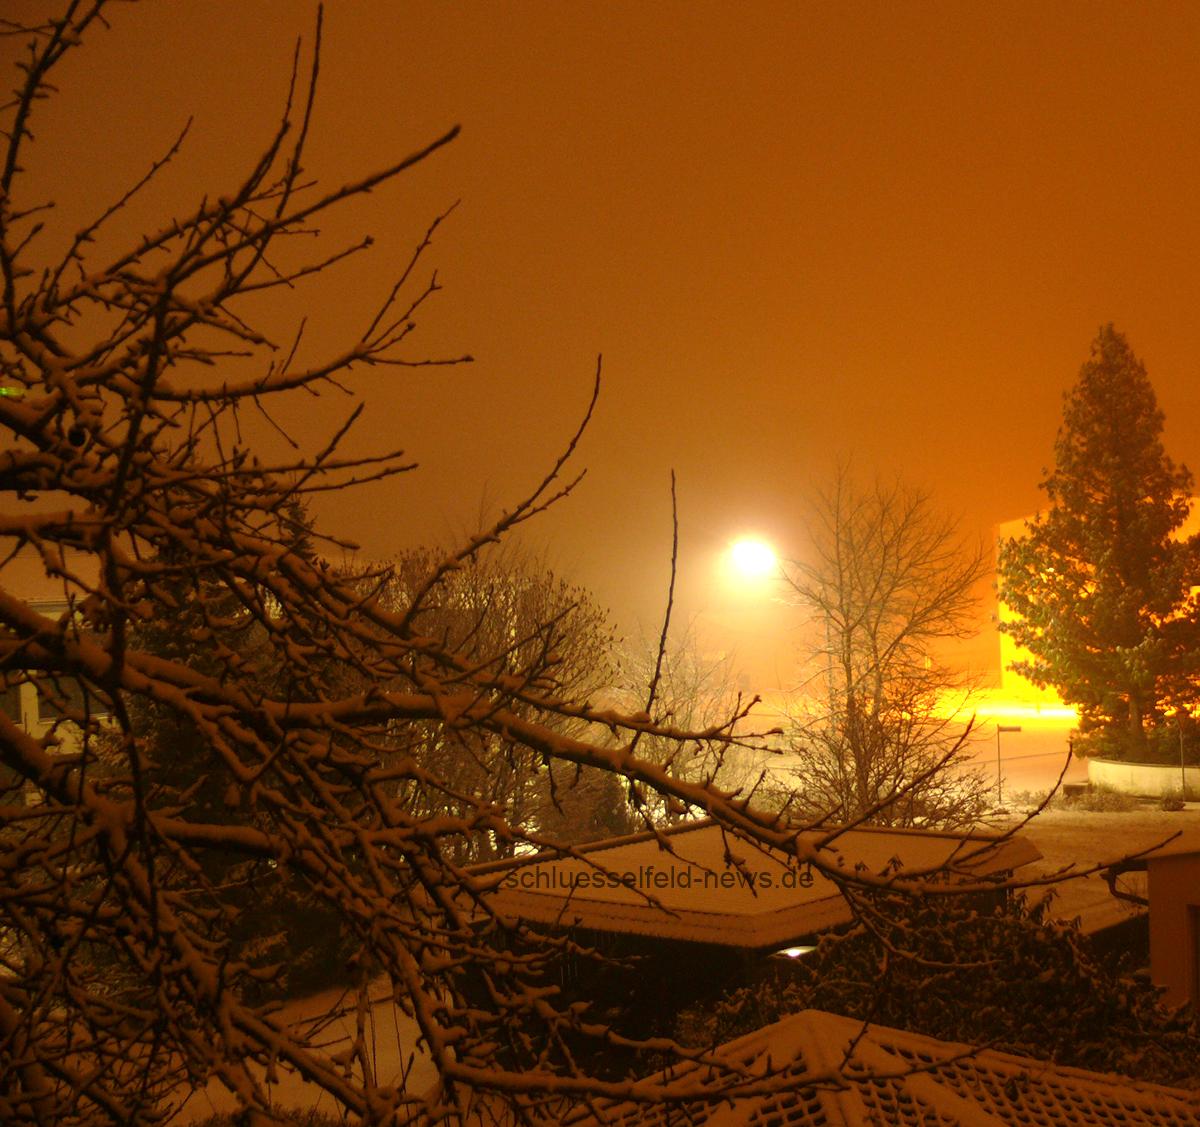 schluesselfeld-winterlandschaft-bei-nacht-januar-2014